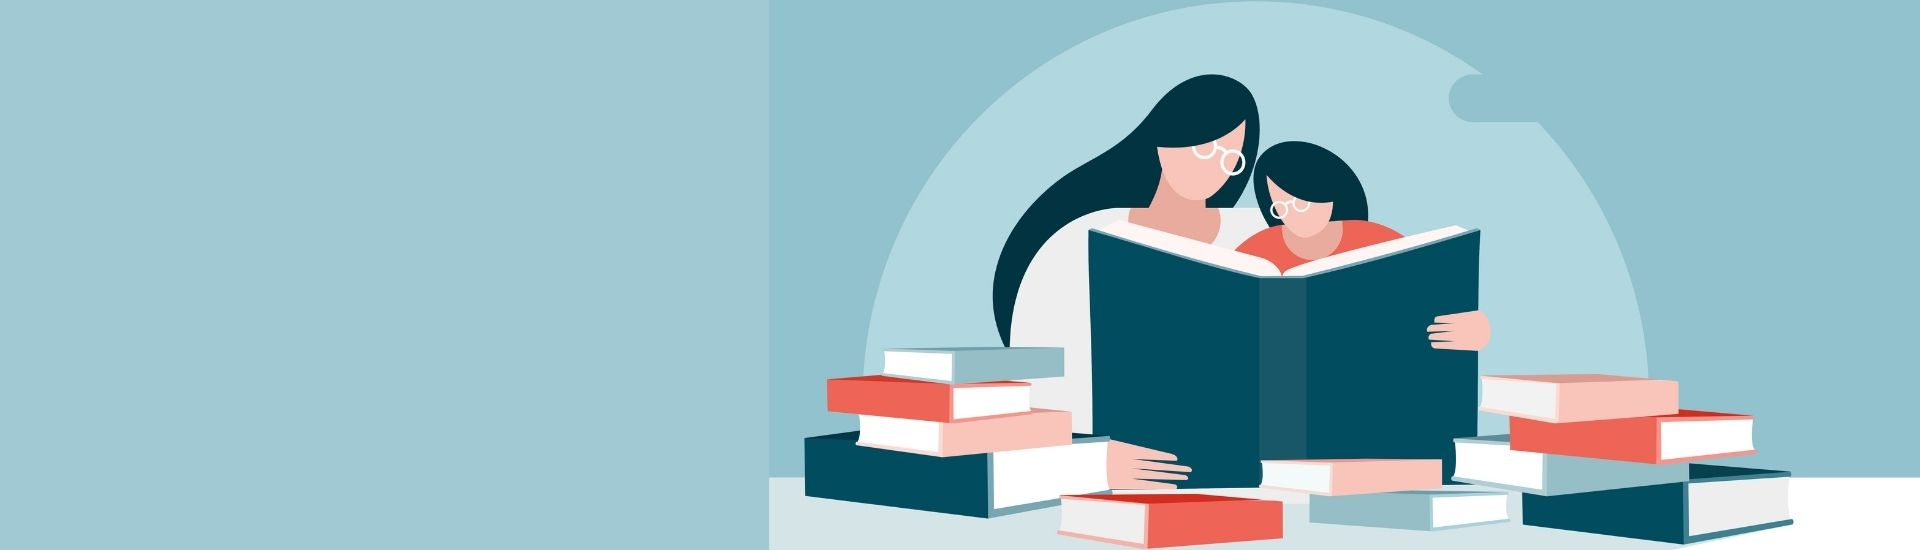 Ilustración de una madre con su hijo, leyendo un libro, rodeados de un círculo de libros.